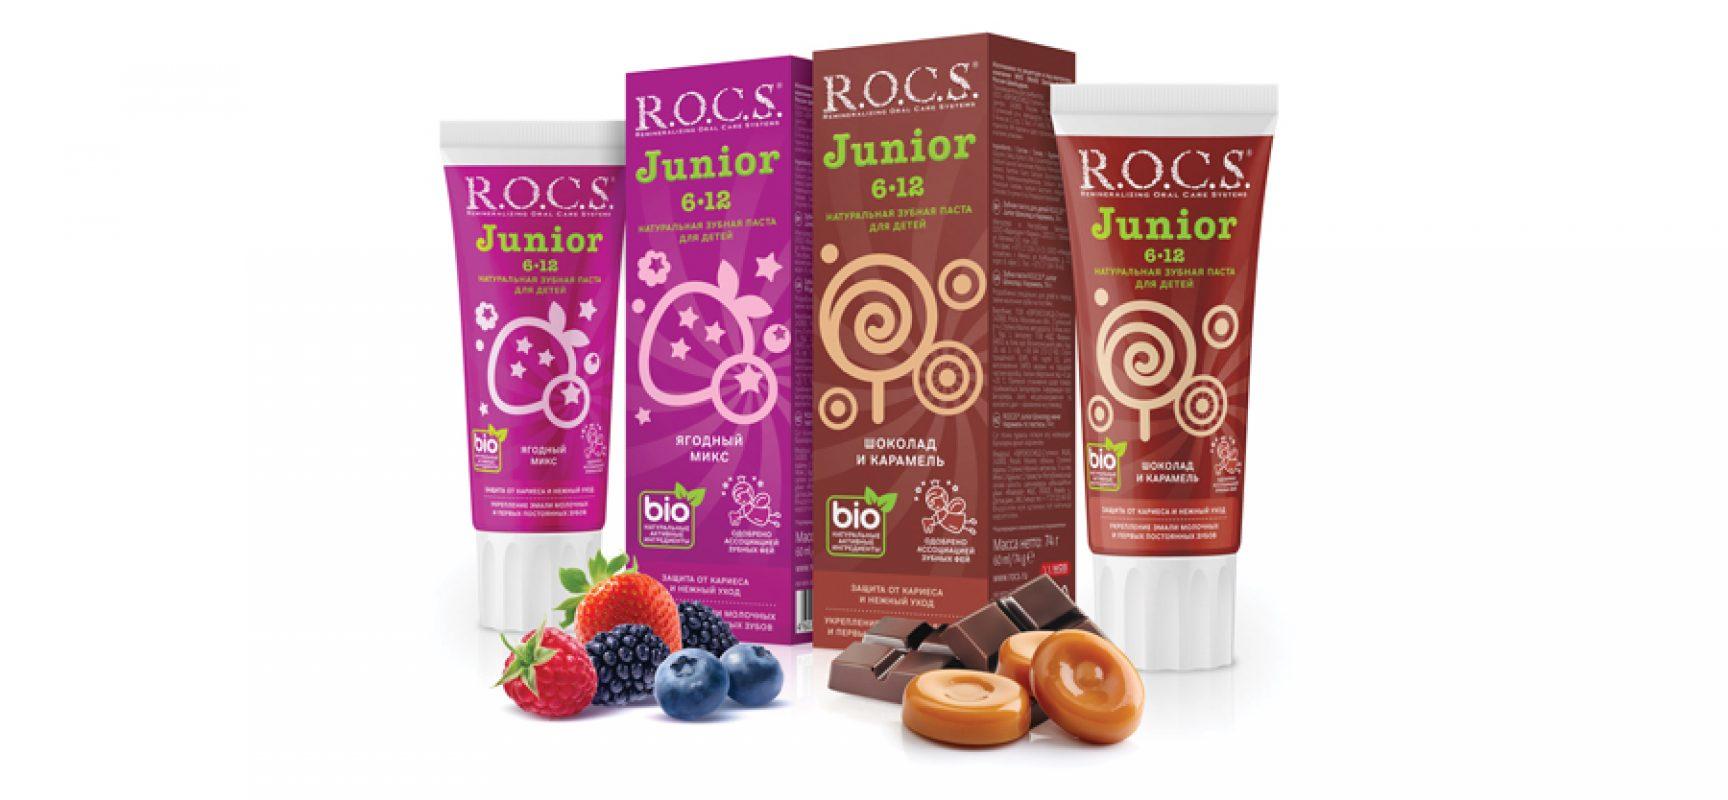 Новинка от R.O.C.S.: зубная паста для детей и подростков R.O.C.S. «Junior»